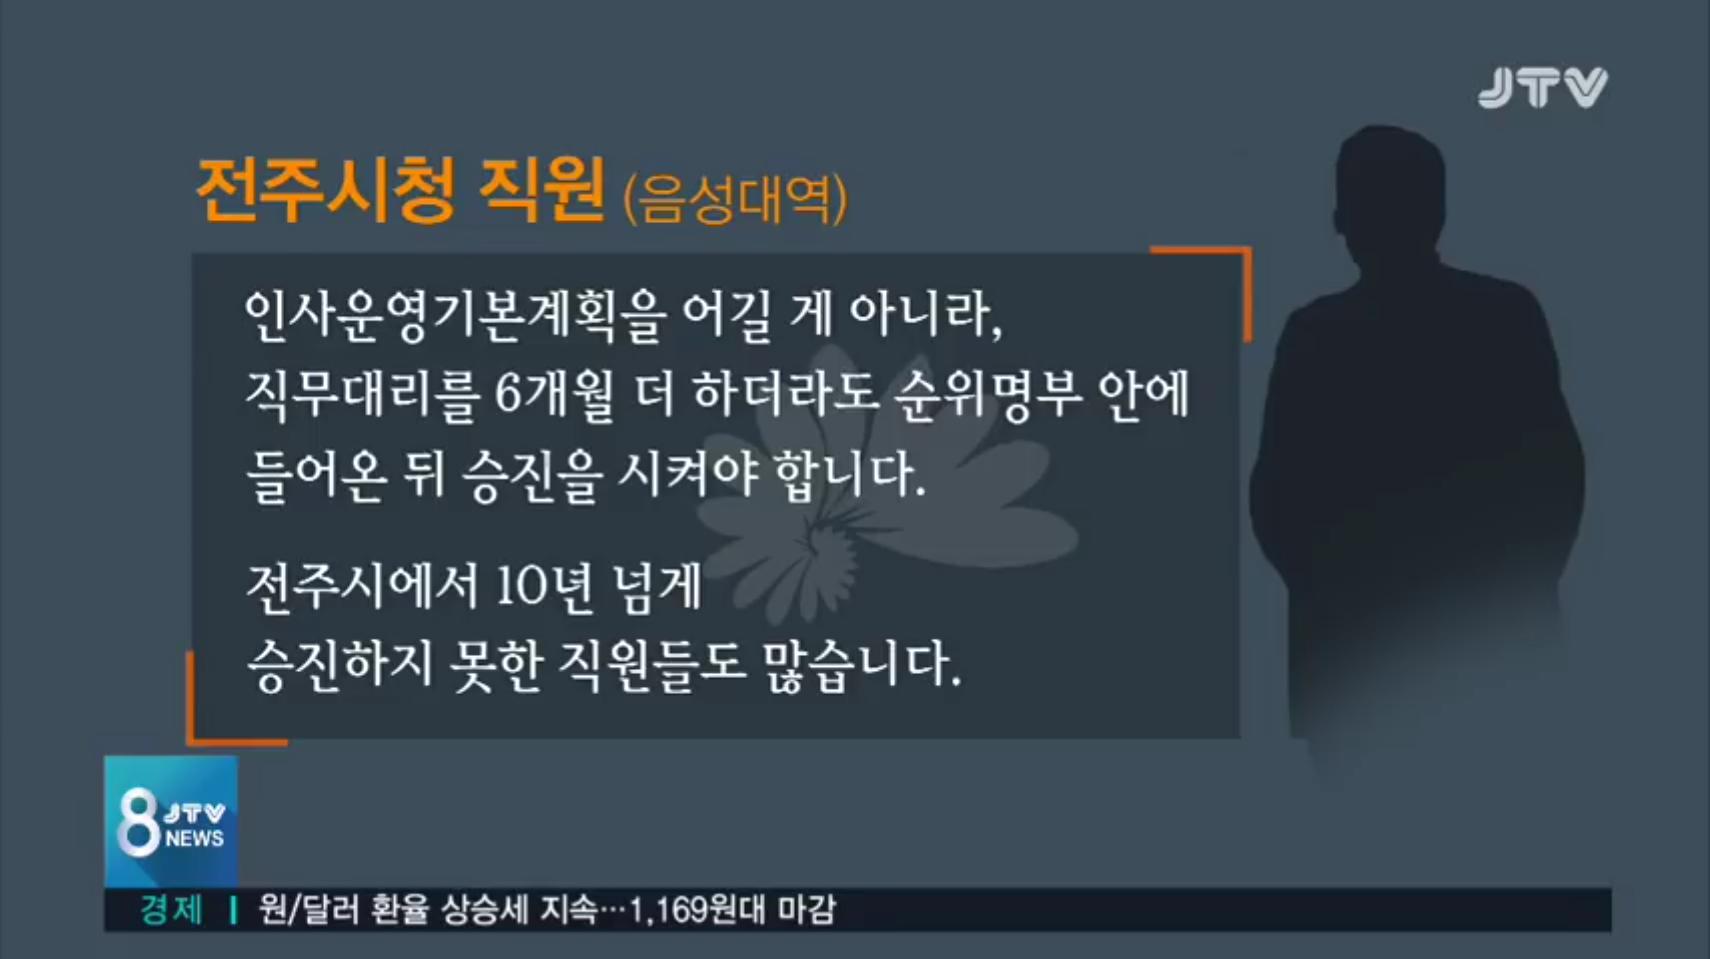 [19.5.7 JTV] 김승수 전주시장 고교선배 4급 특별승진6.png